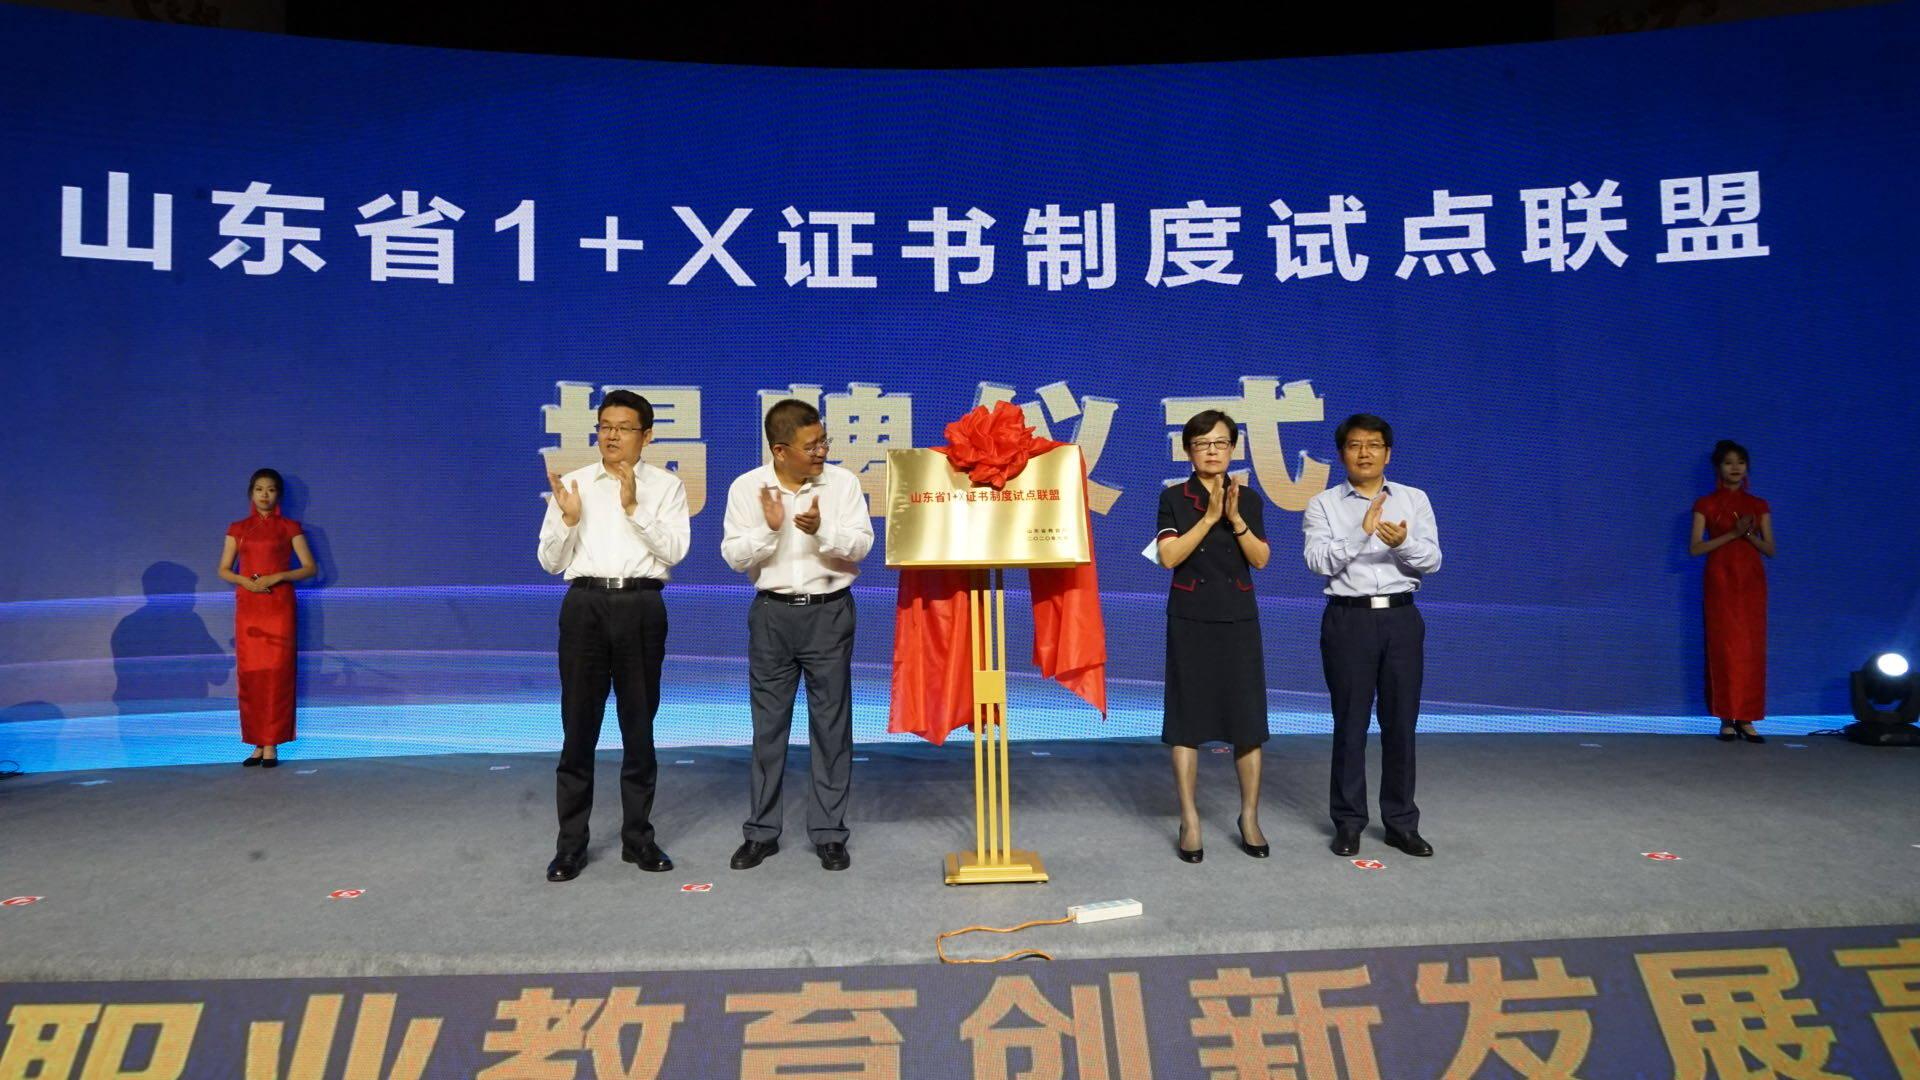 山东省1+X证书制度试点联盟在潍坊揭牌成立